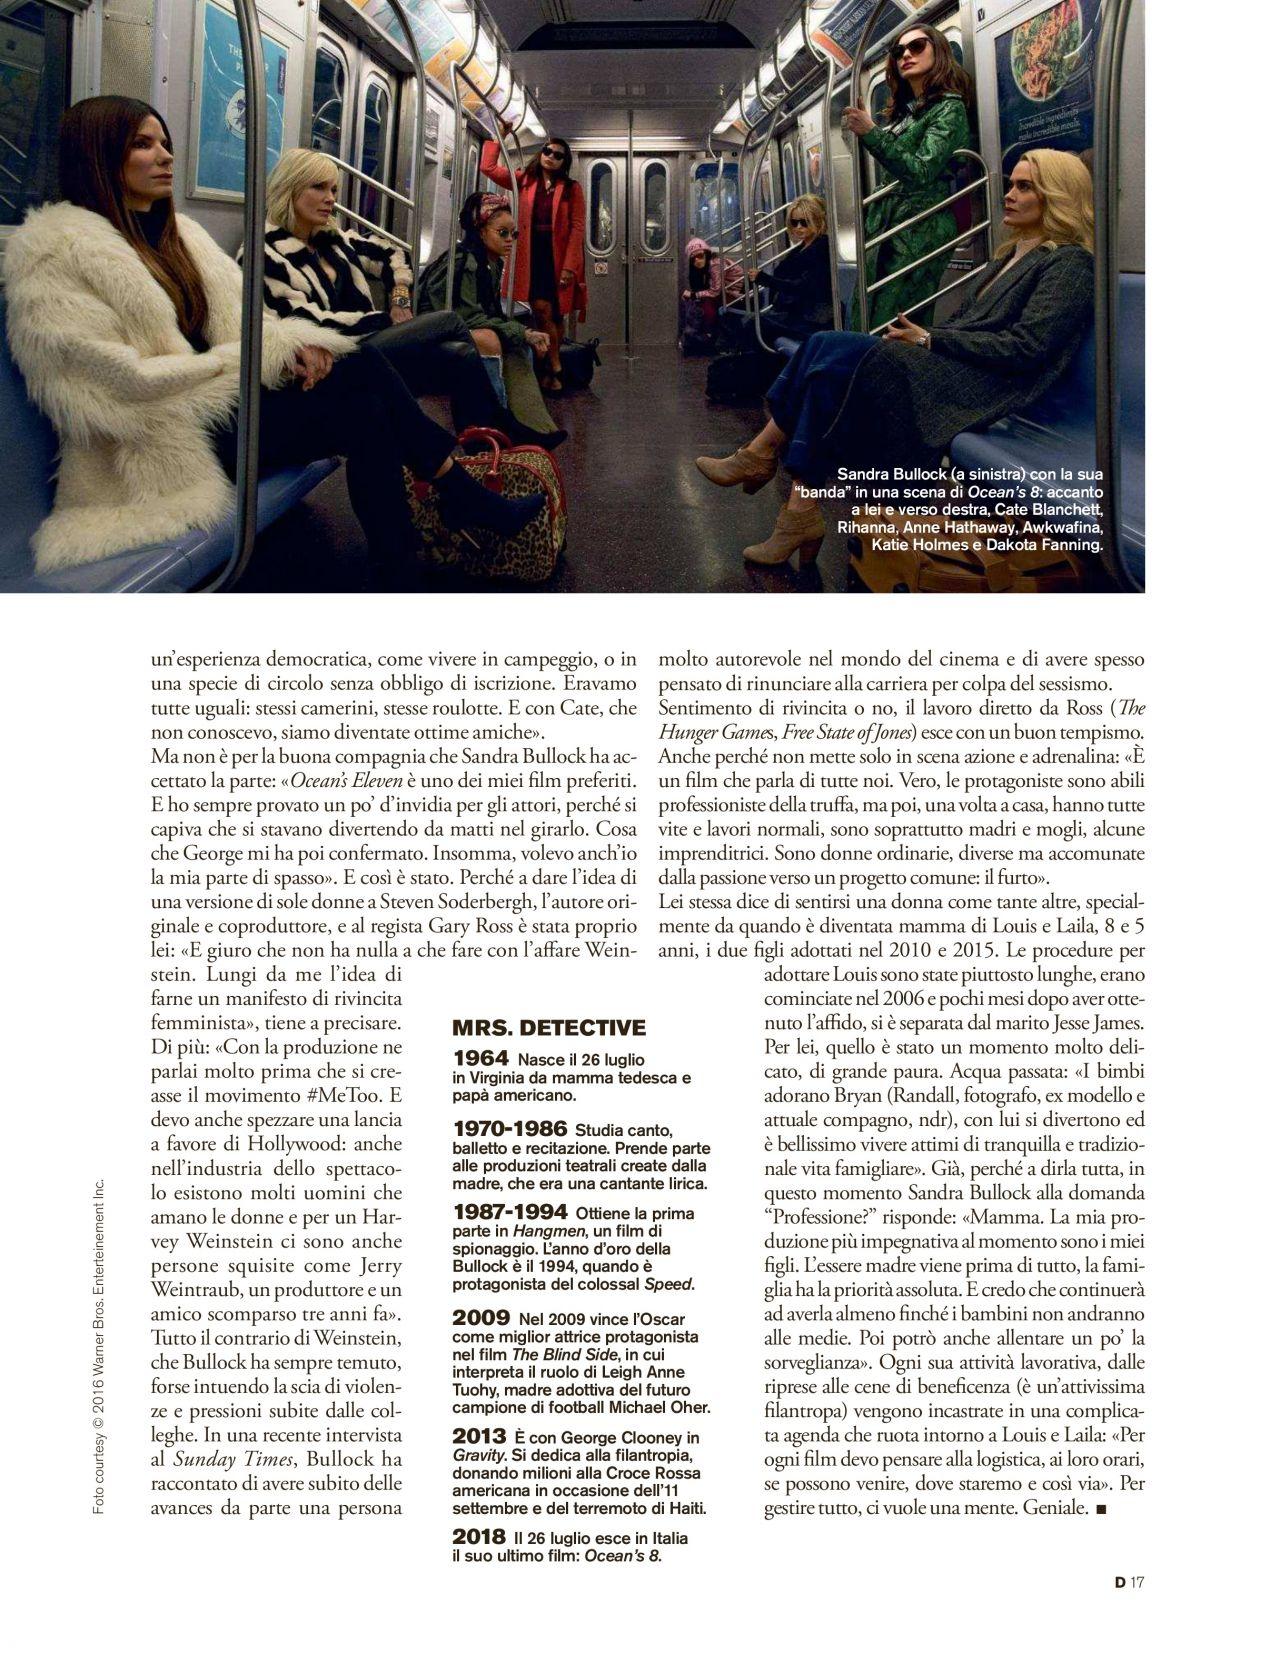 La Repubblica It Nel 2019: D La Repubblica Magazine July 2018